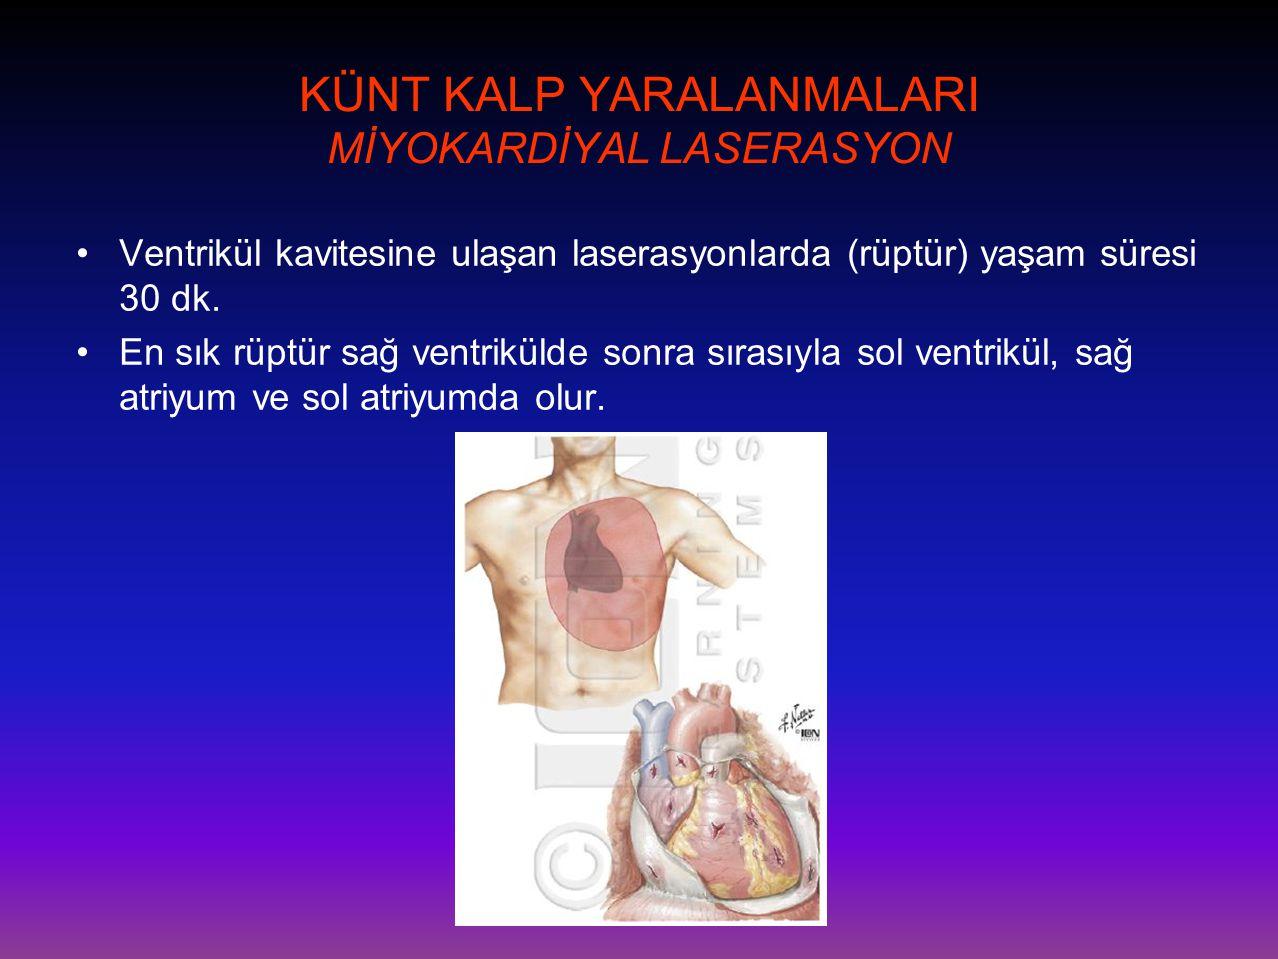 KÜNT KALP YARALANMALARI MİYOKARDİYAL LASERASYON •Ventrikül kavitesine ulaşan laserasyonlarda (rüptür) yaşam süresi 30 dk. •En sık rüptür sağ ventrikül